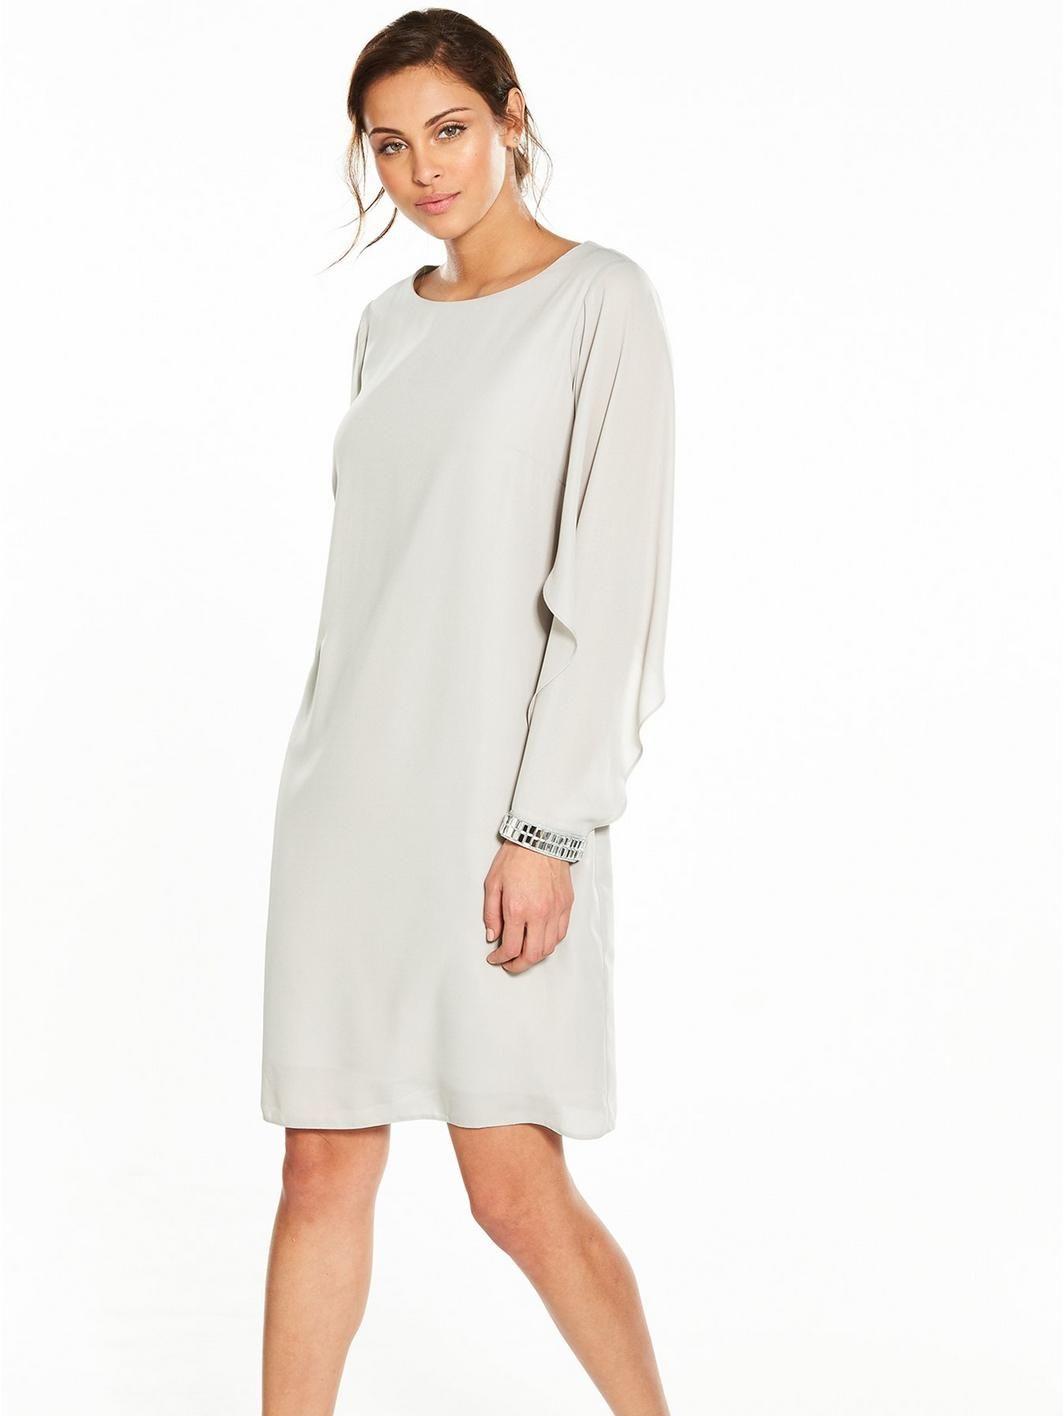 Wallis Open Float Sleeve Shift Dress, http://www.littlewoods.com/wallis-open-float-sleeve-shift-dress/1600163406.prd